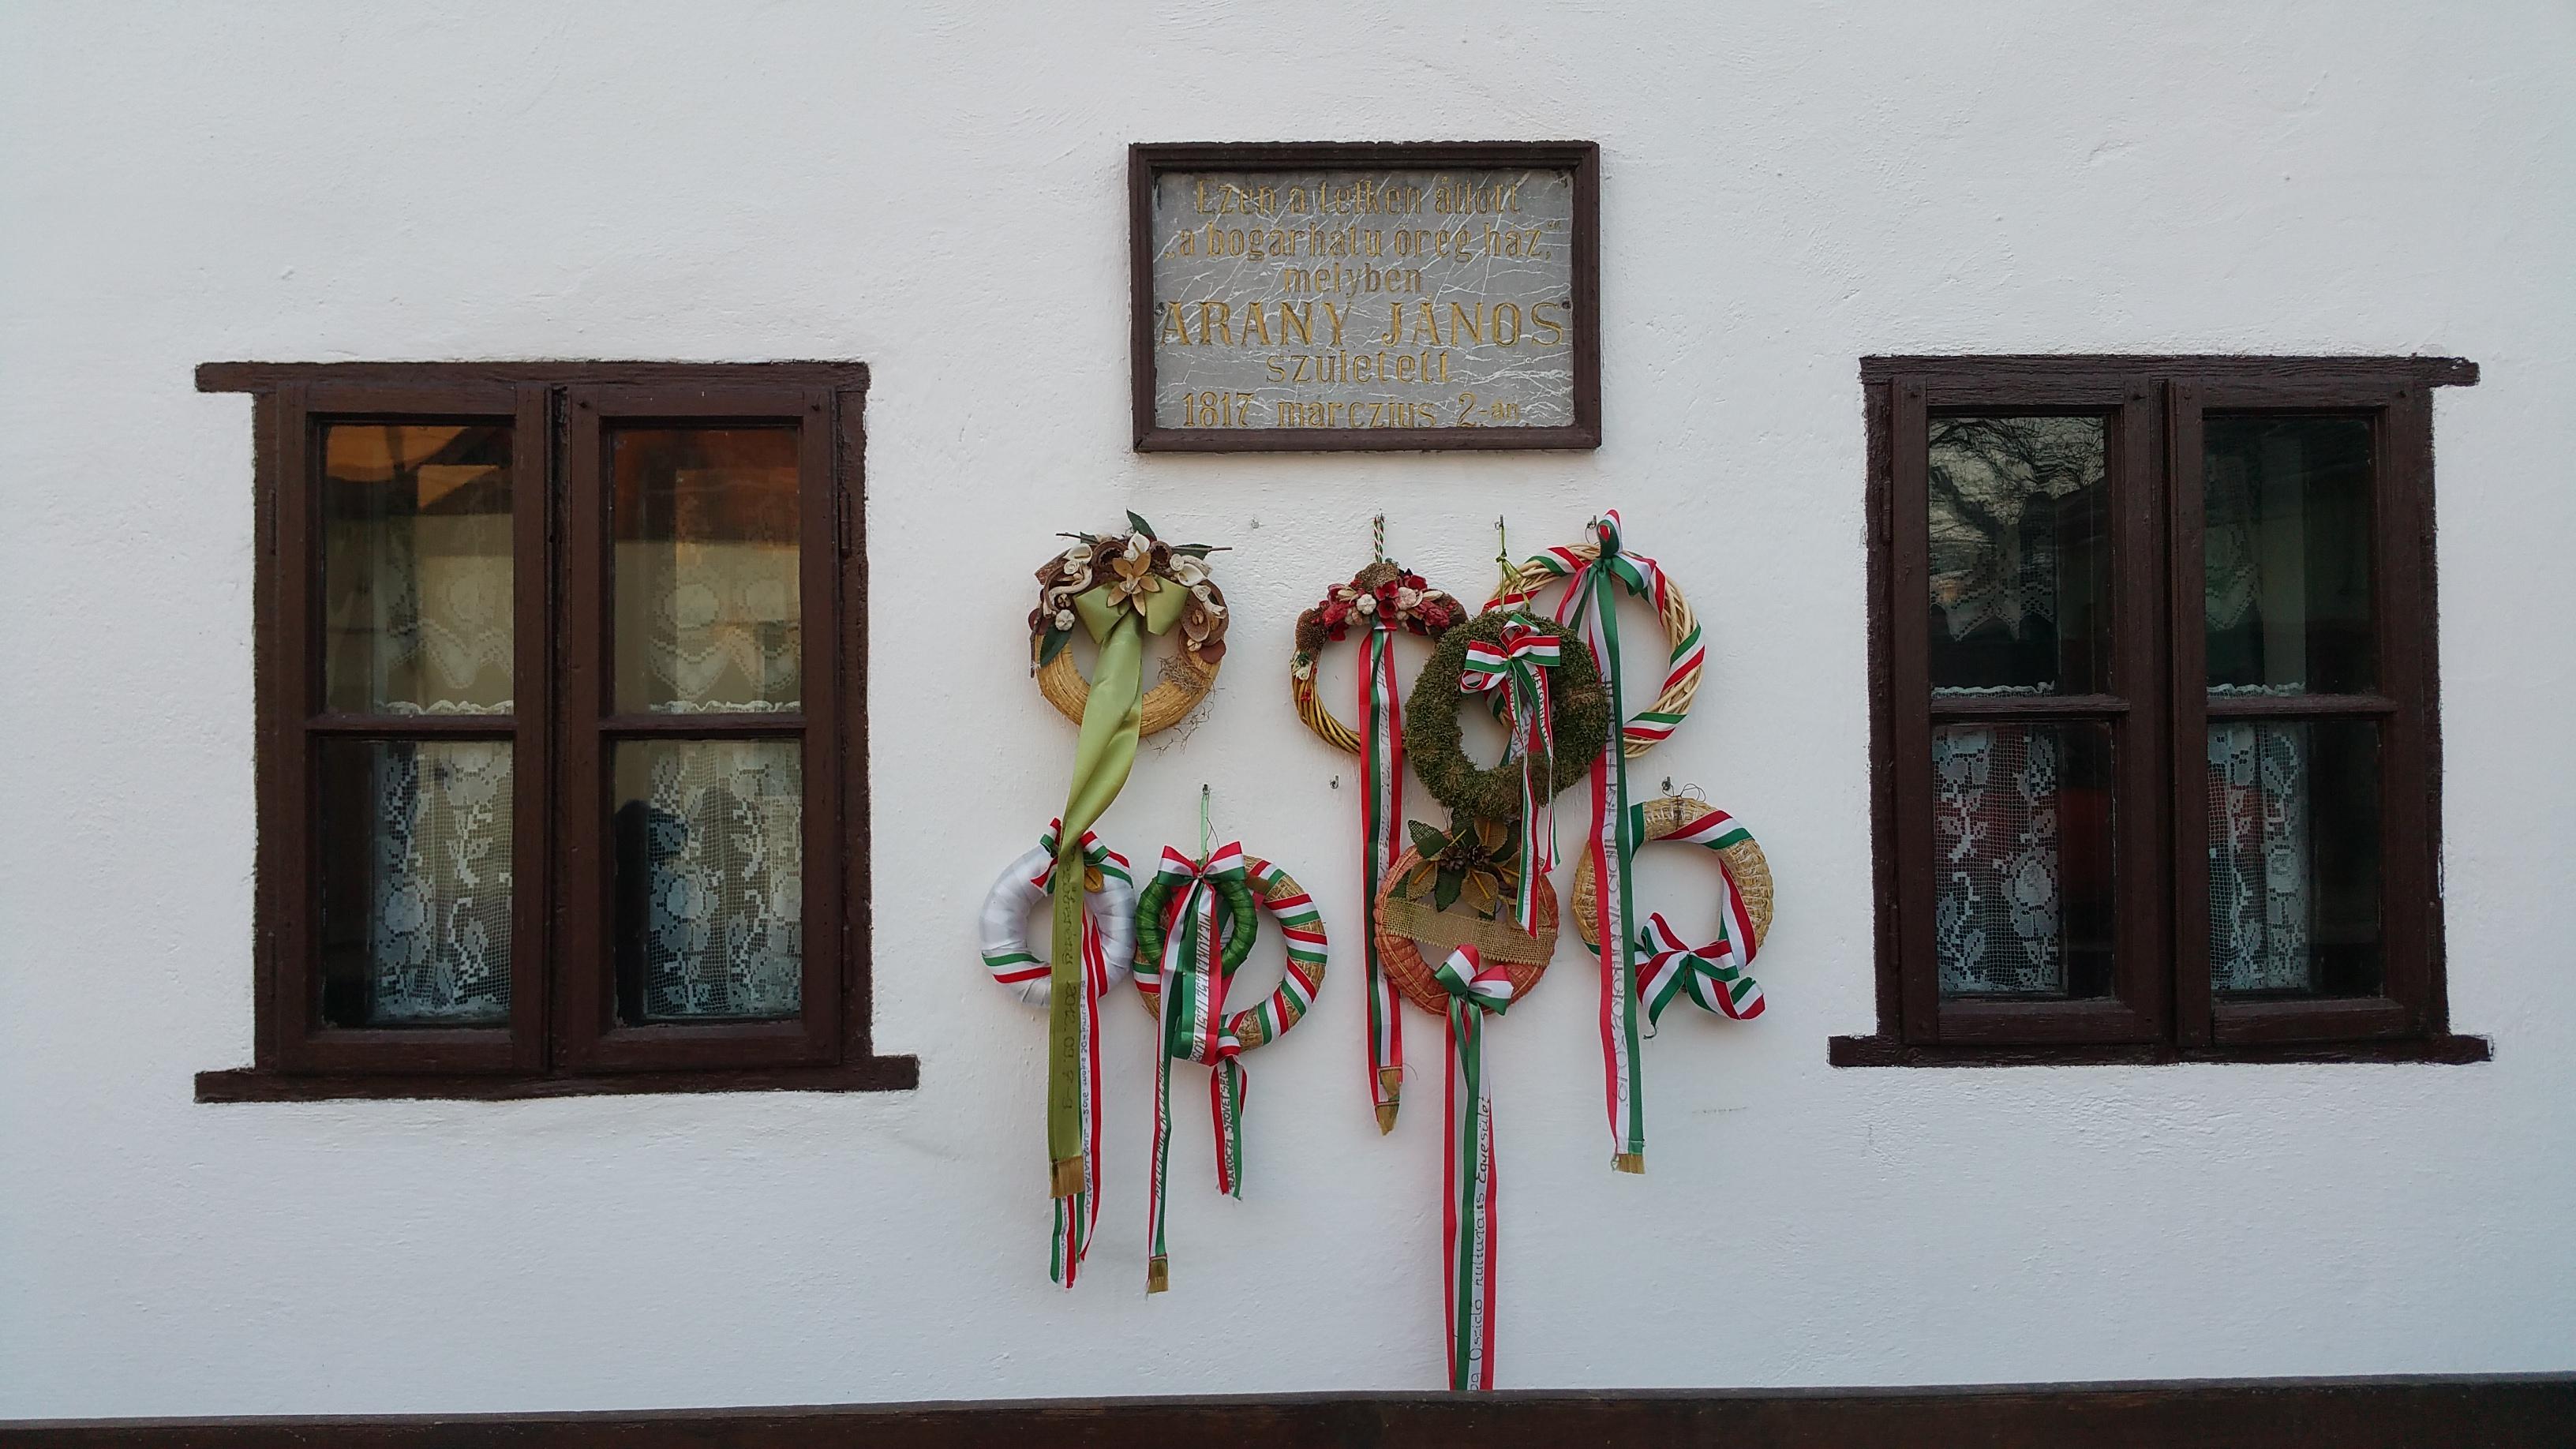 Az 1909-ben készült emléktábla a ház falán